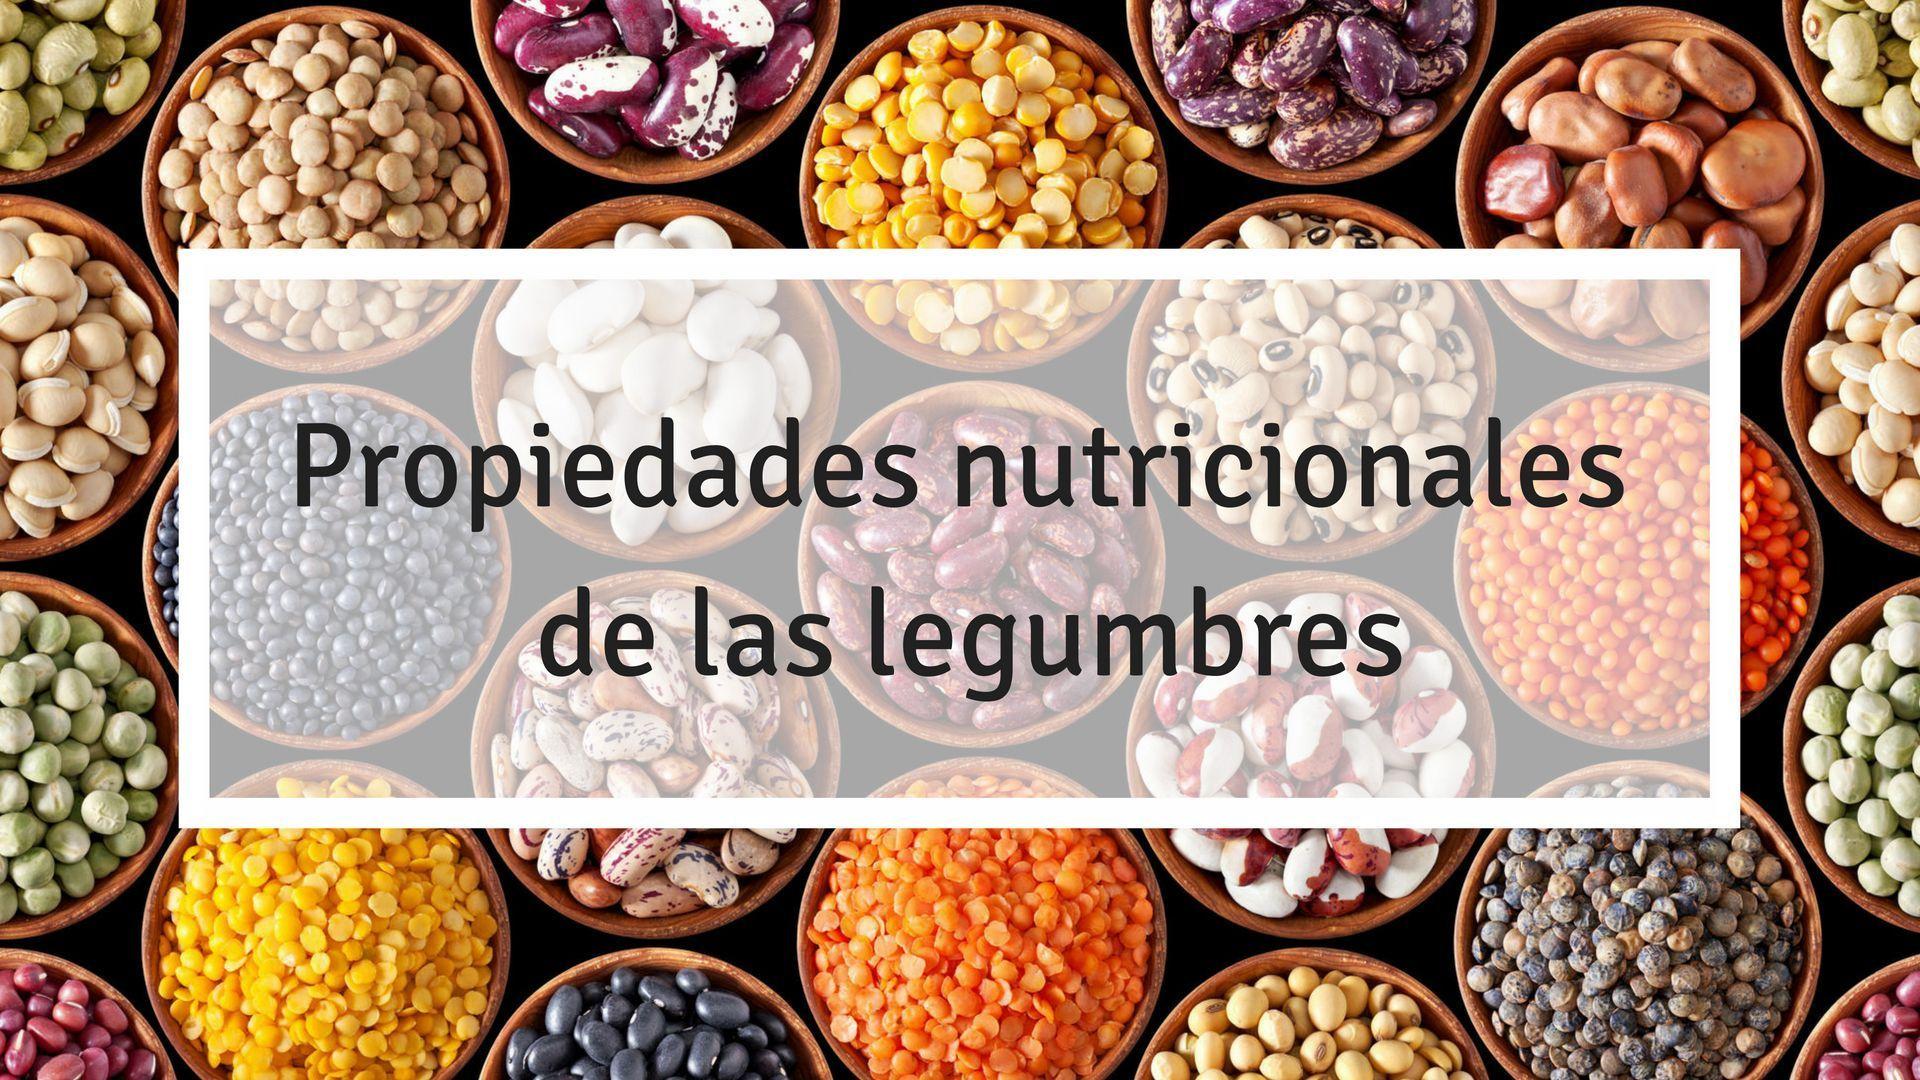 Legumbres: sus nutrientes y beneficios